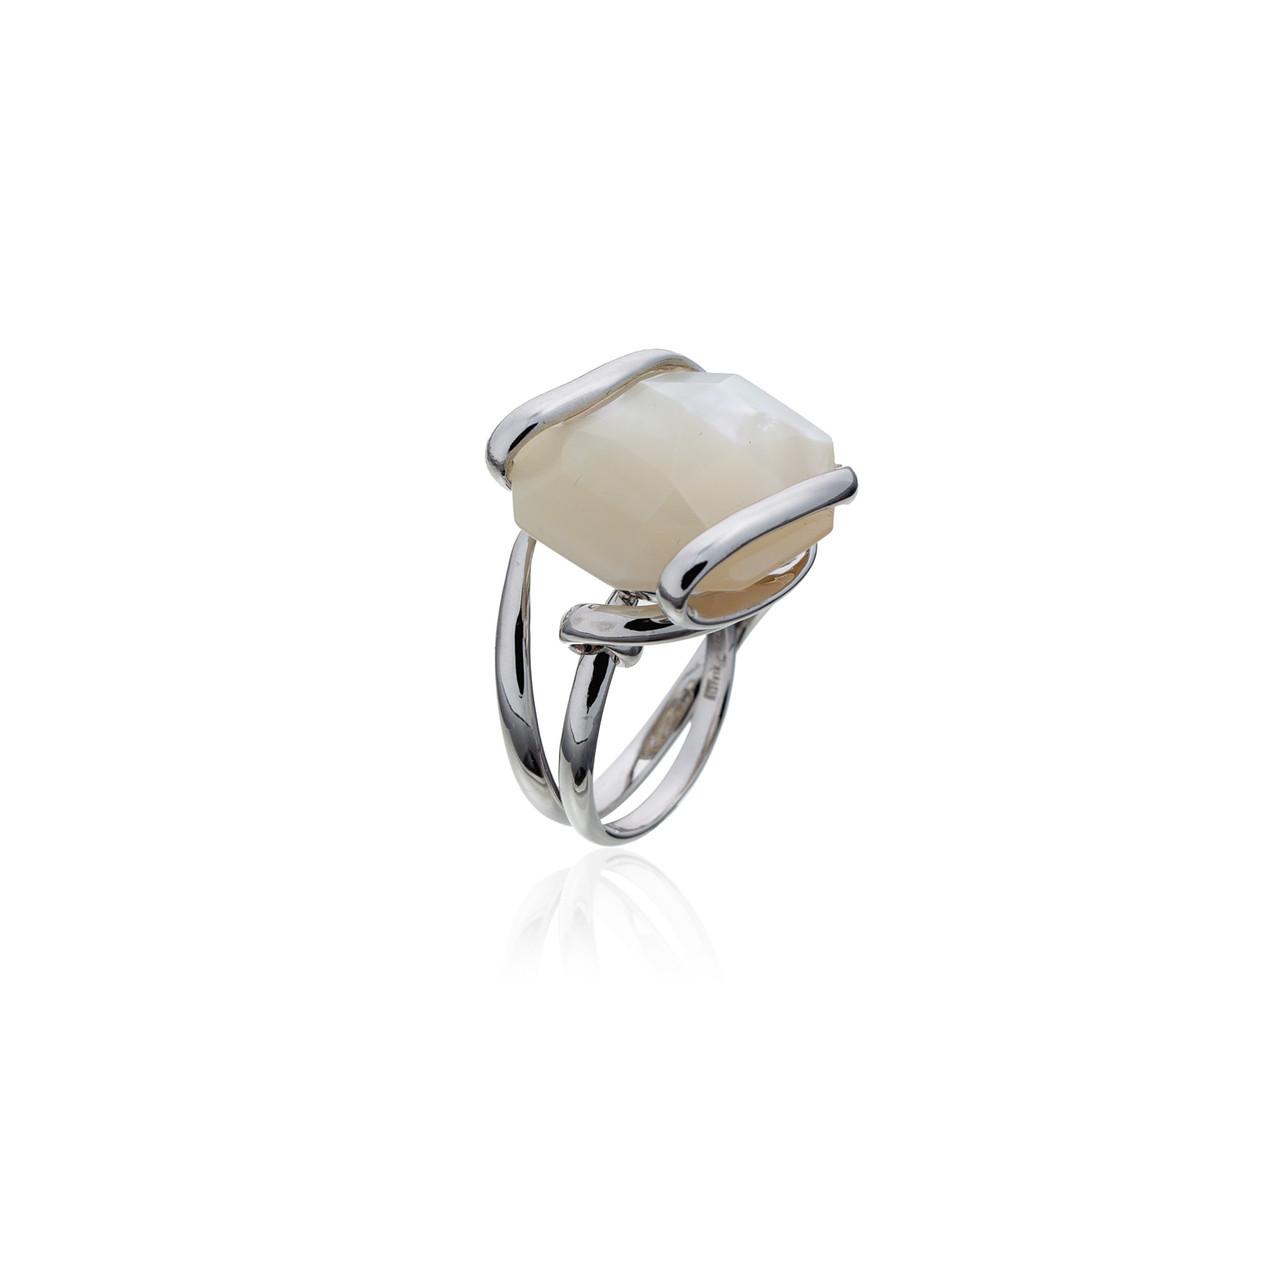 Серебряное кольцо с натуральным камнем. Вставка: перламутр вес:10,3гр, покрытие родий, размер:20рр